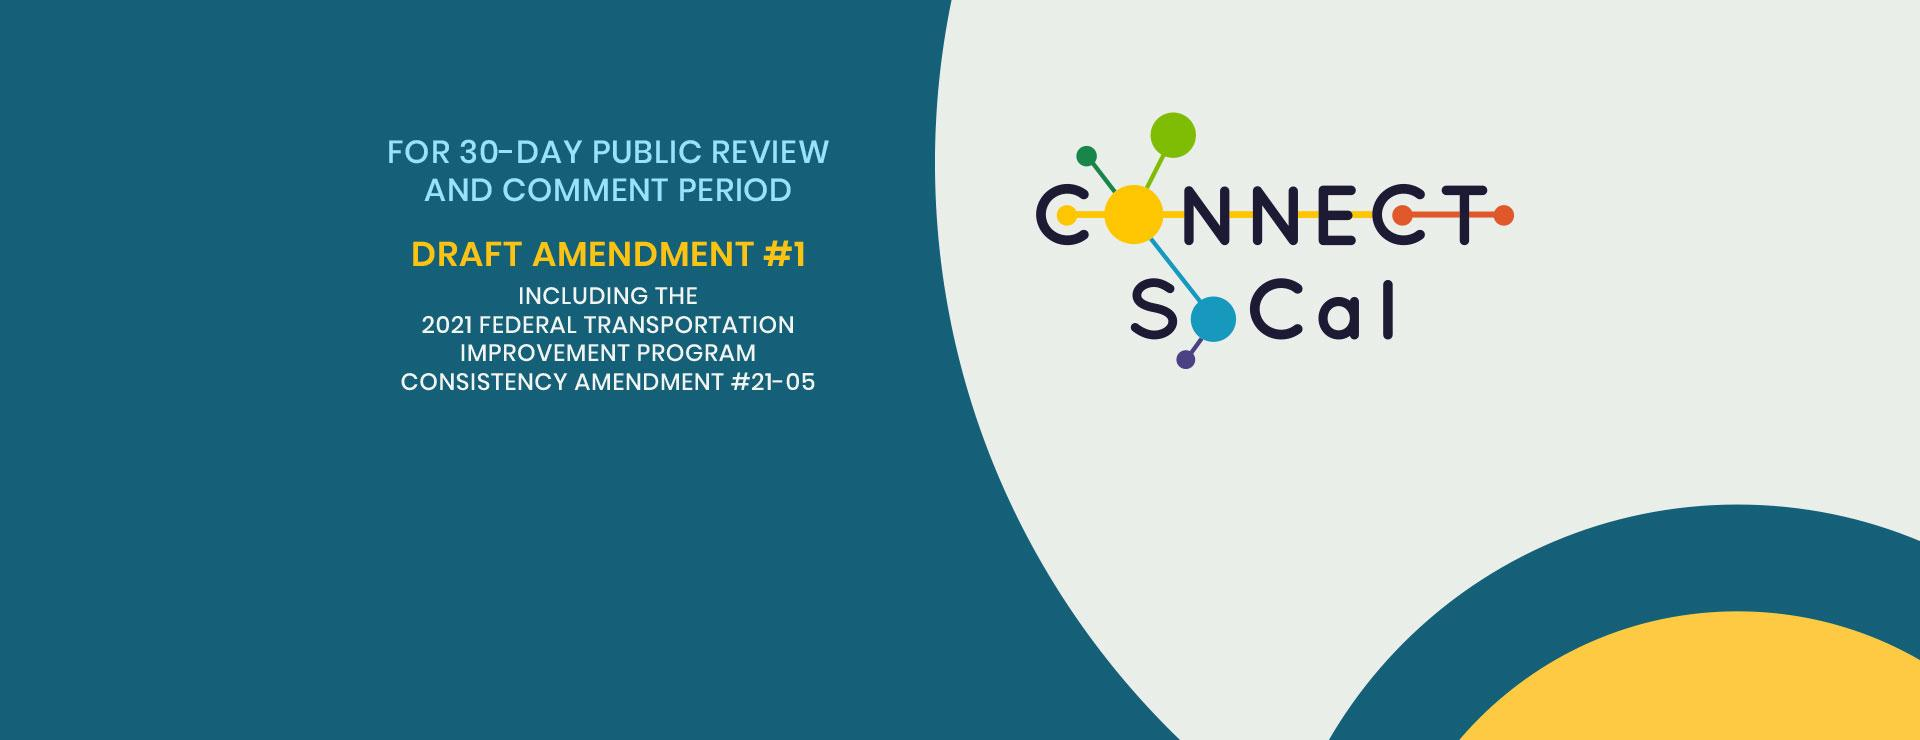 Draft Connect SoCal Amendment #1 and 2021 FTIP Consistency Amendment #21-05